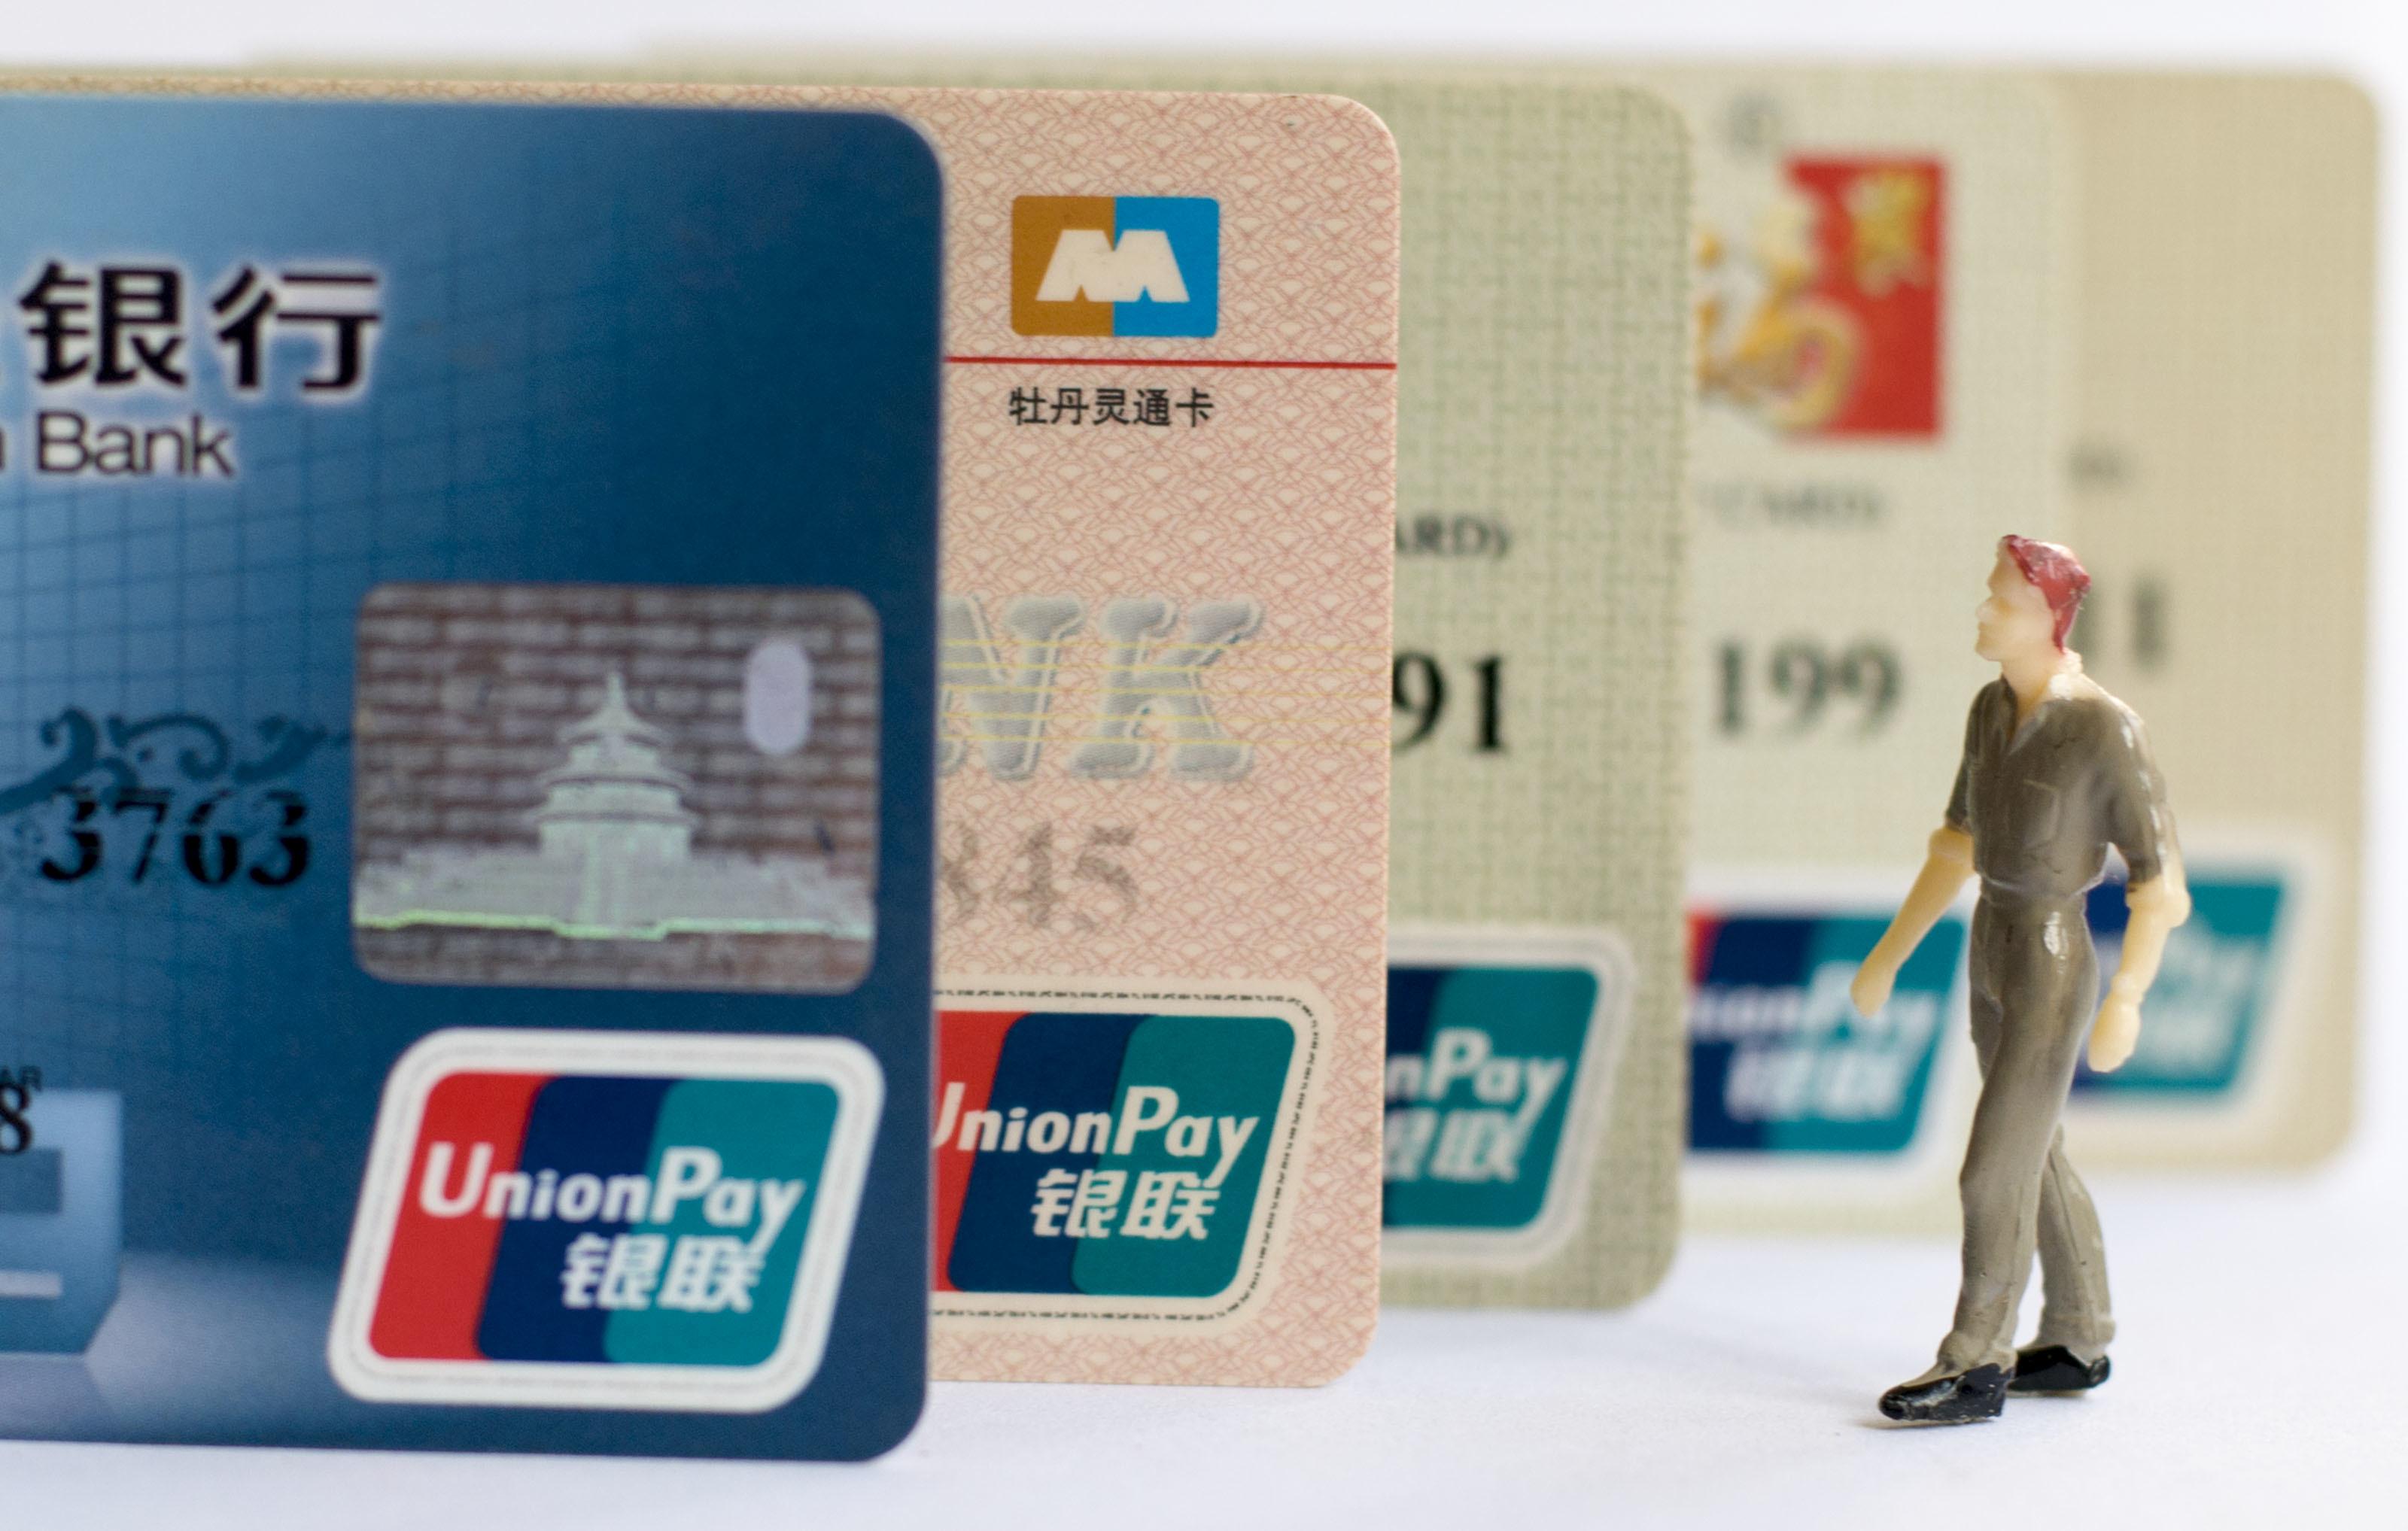 民生连续封卡,微信可以0手续费提现!